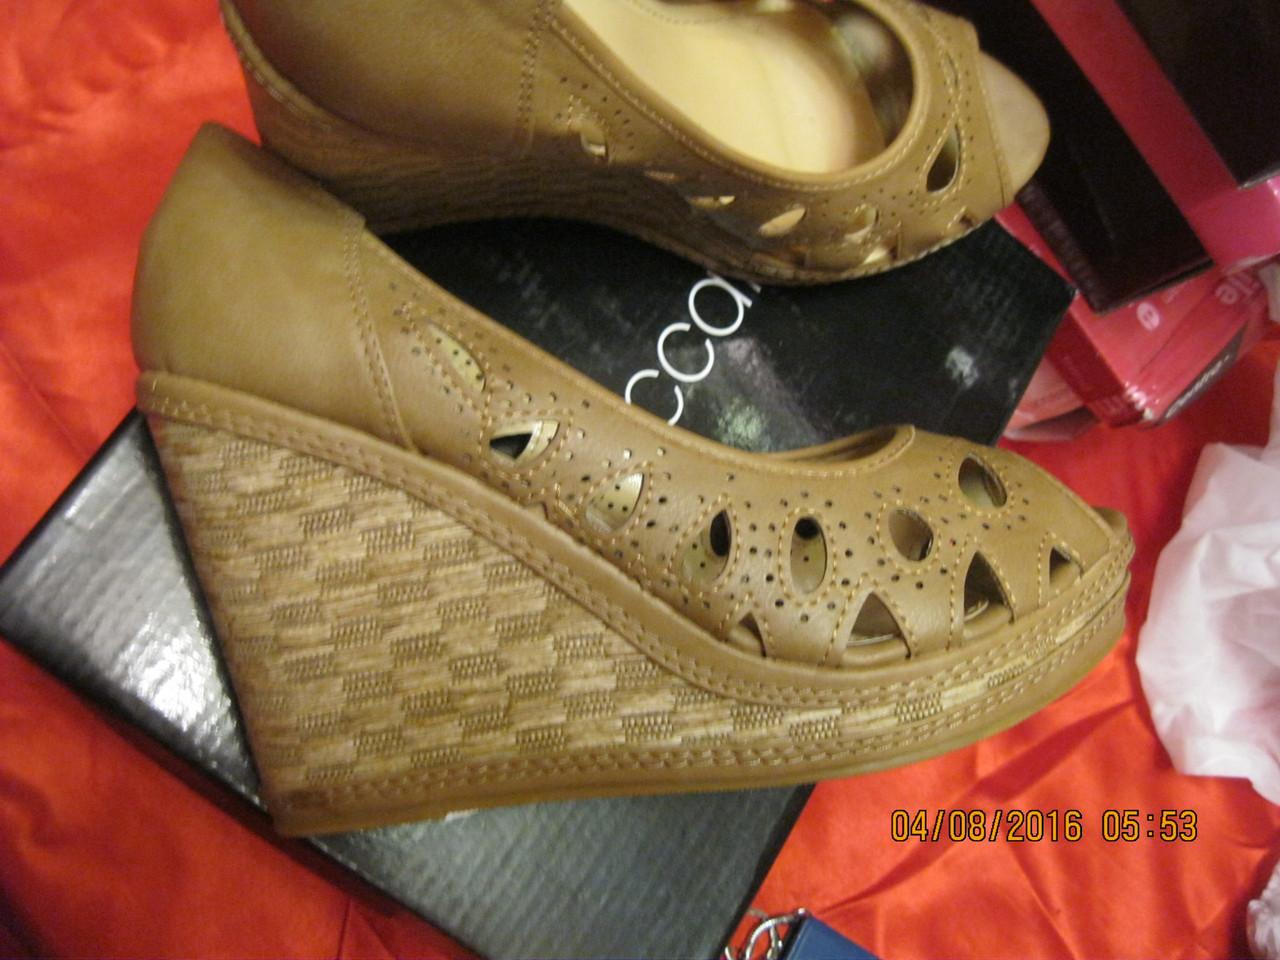 Туфли босоножки легкие женские T.Taccardi бежевые платформа 41р удобная модель